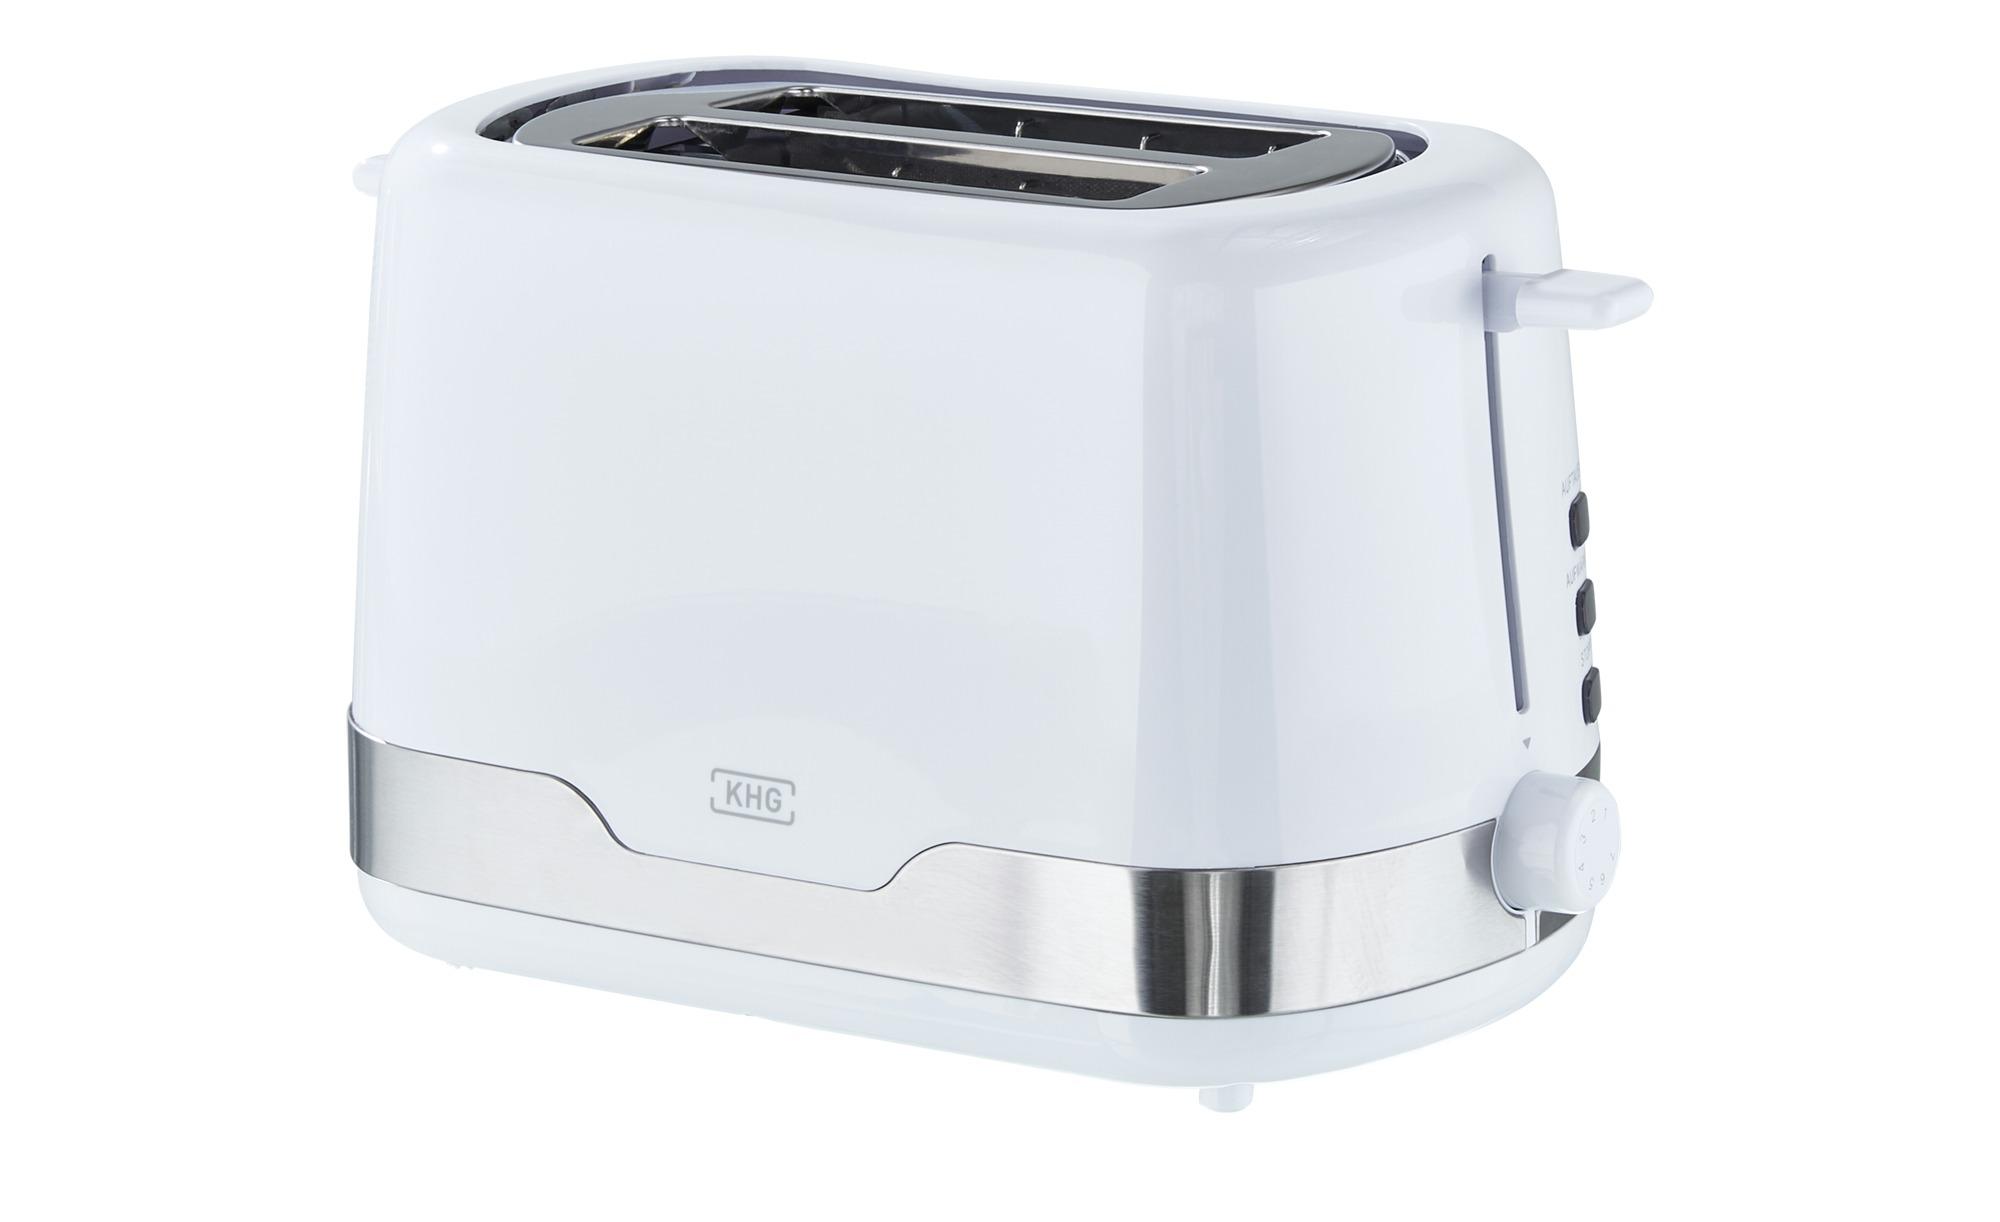 KHG Toaster  TO-857 WE2 - weiß - Metall, Edelstahl, Kunststoff - 30 cm - 18 günstig online kaufen